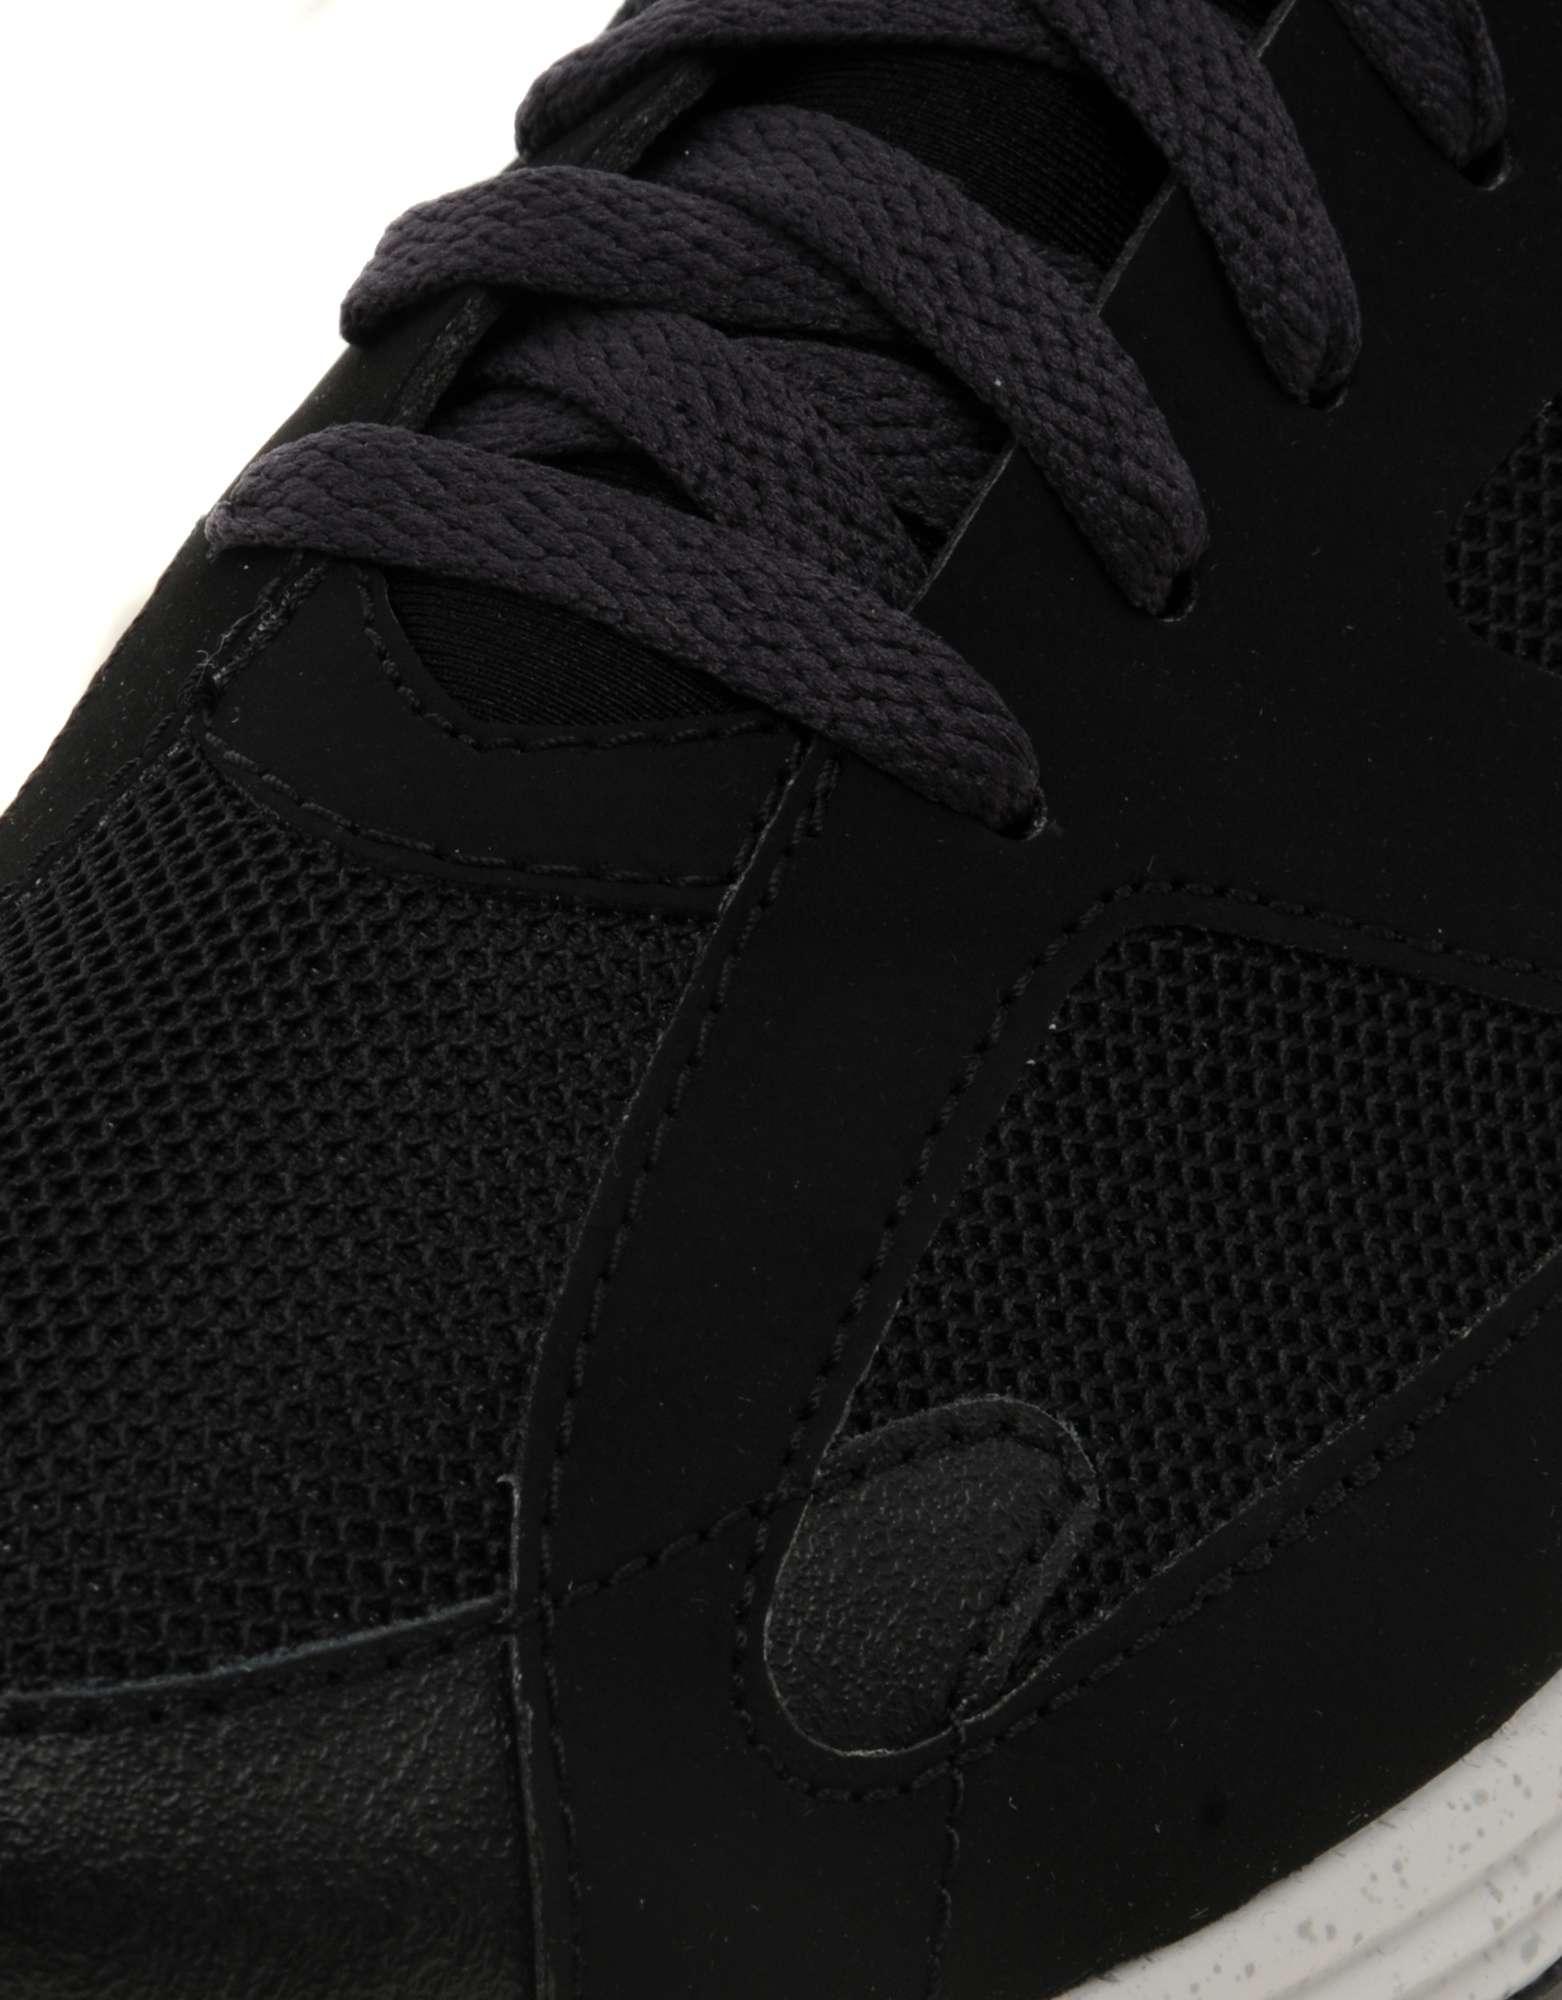 Nike Air Max Terra 180